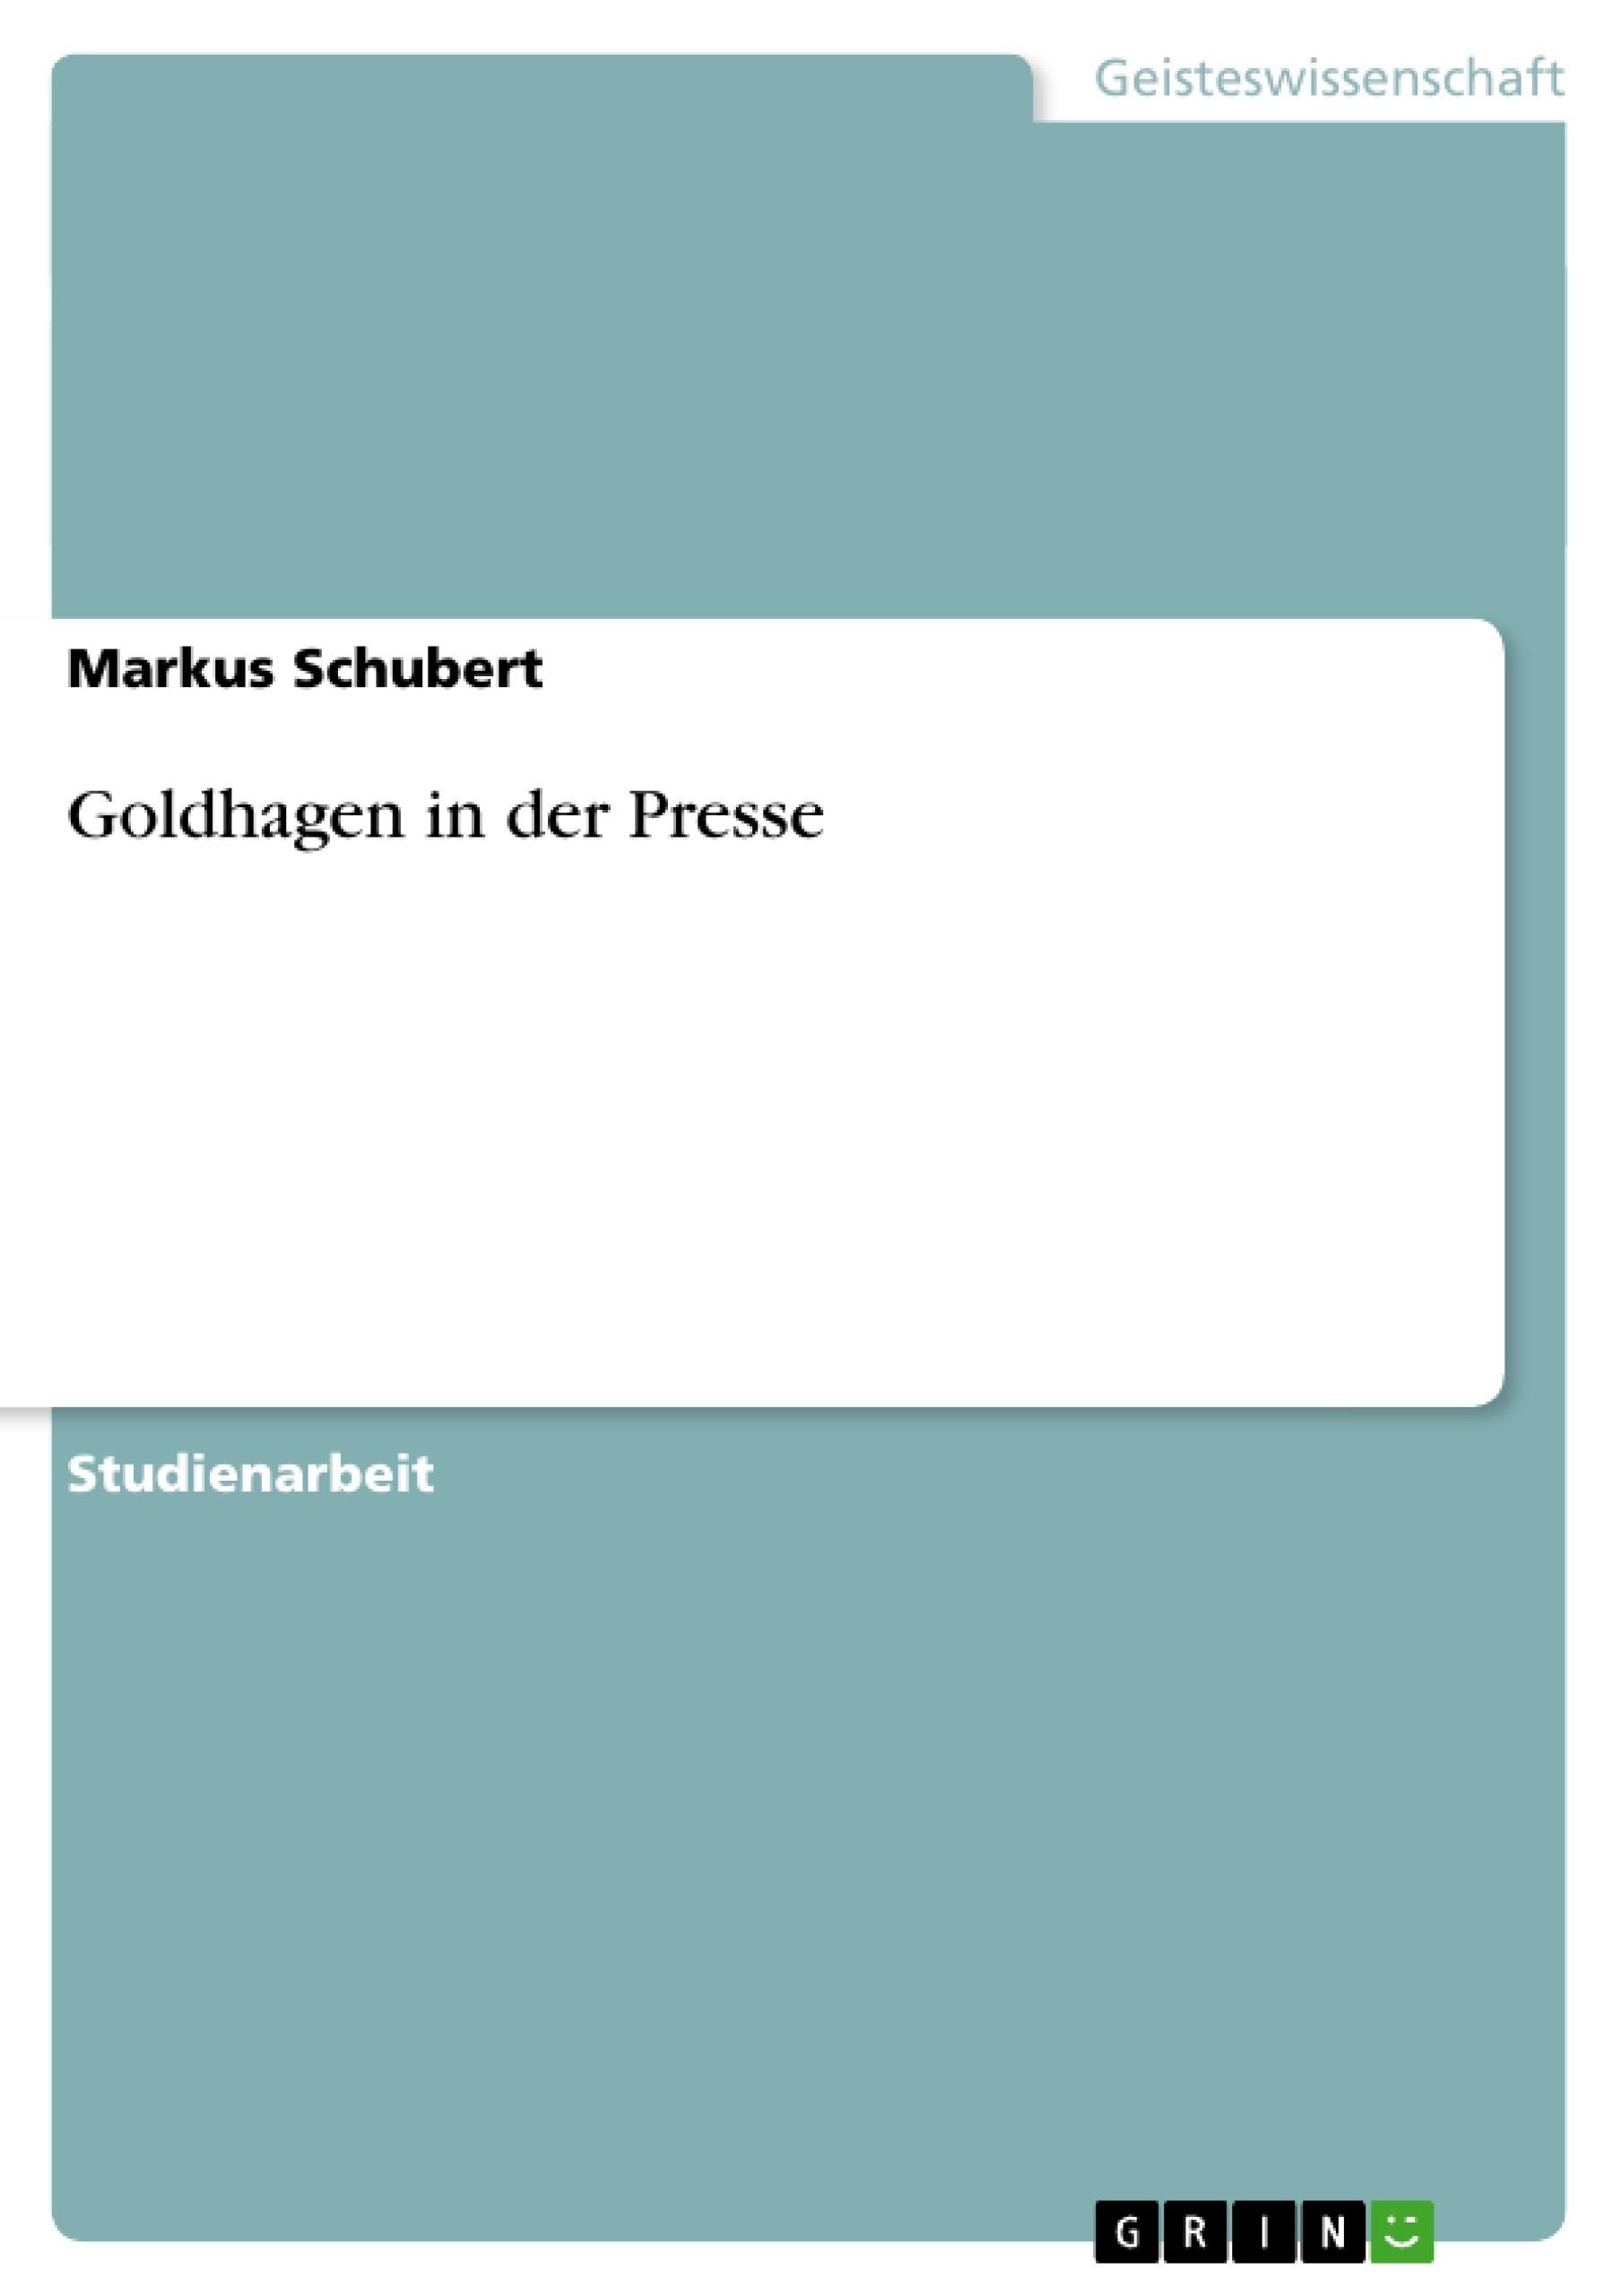 Titel: Goldhagen in der Presse